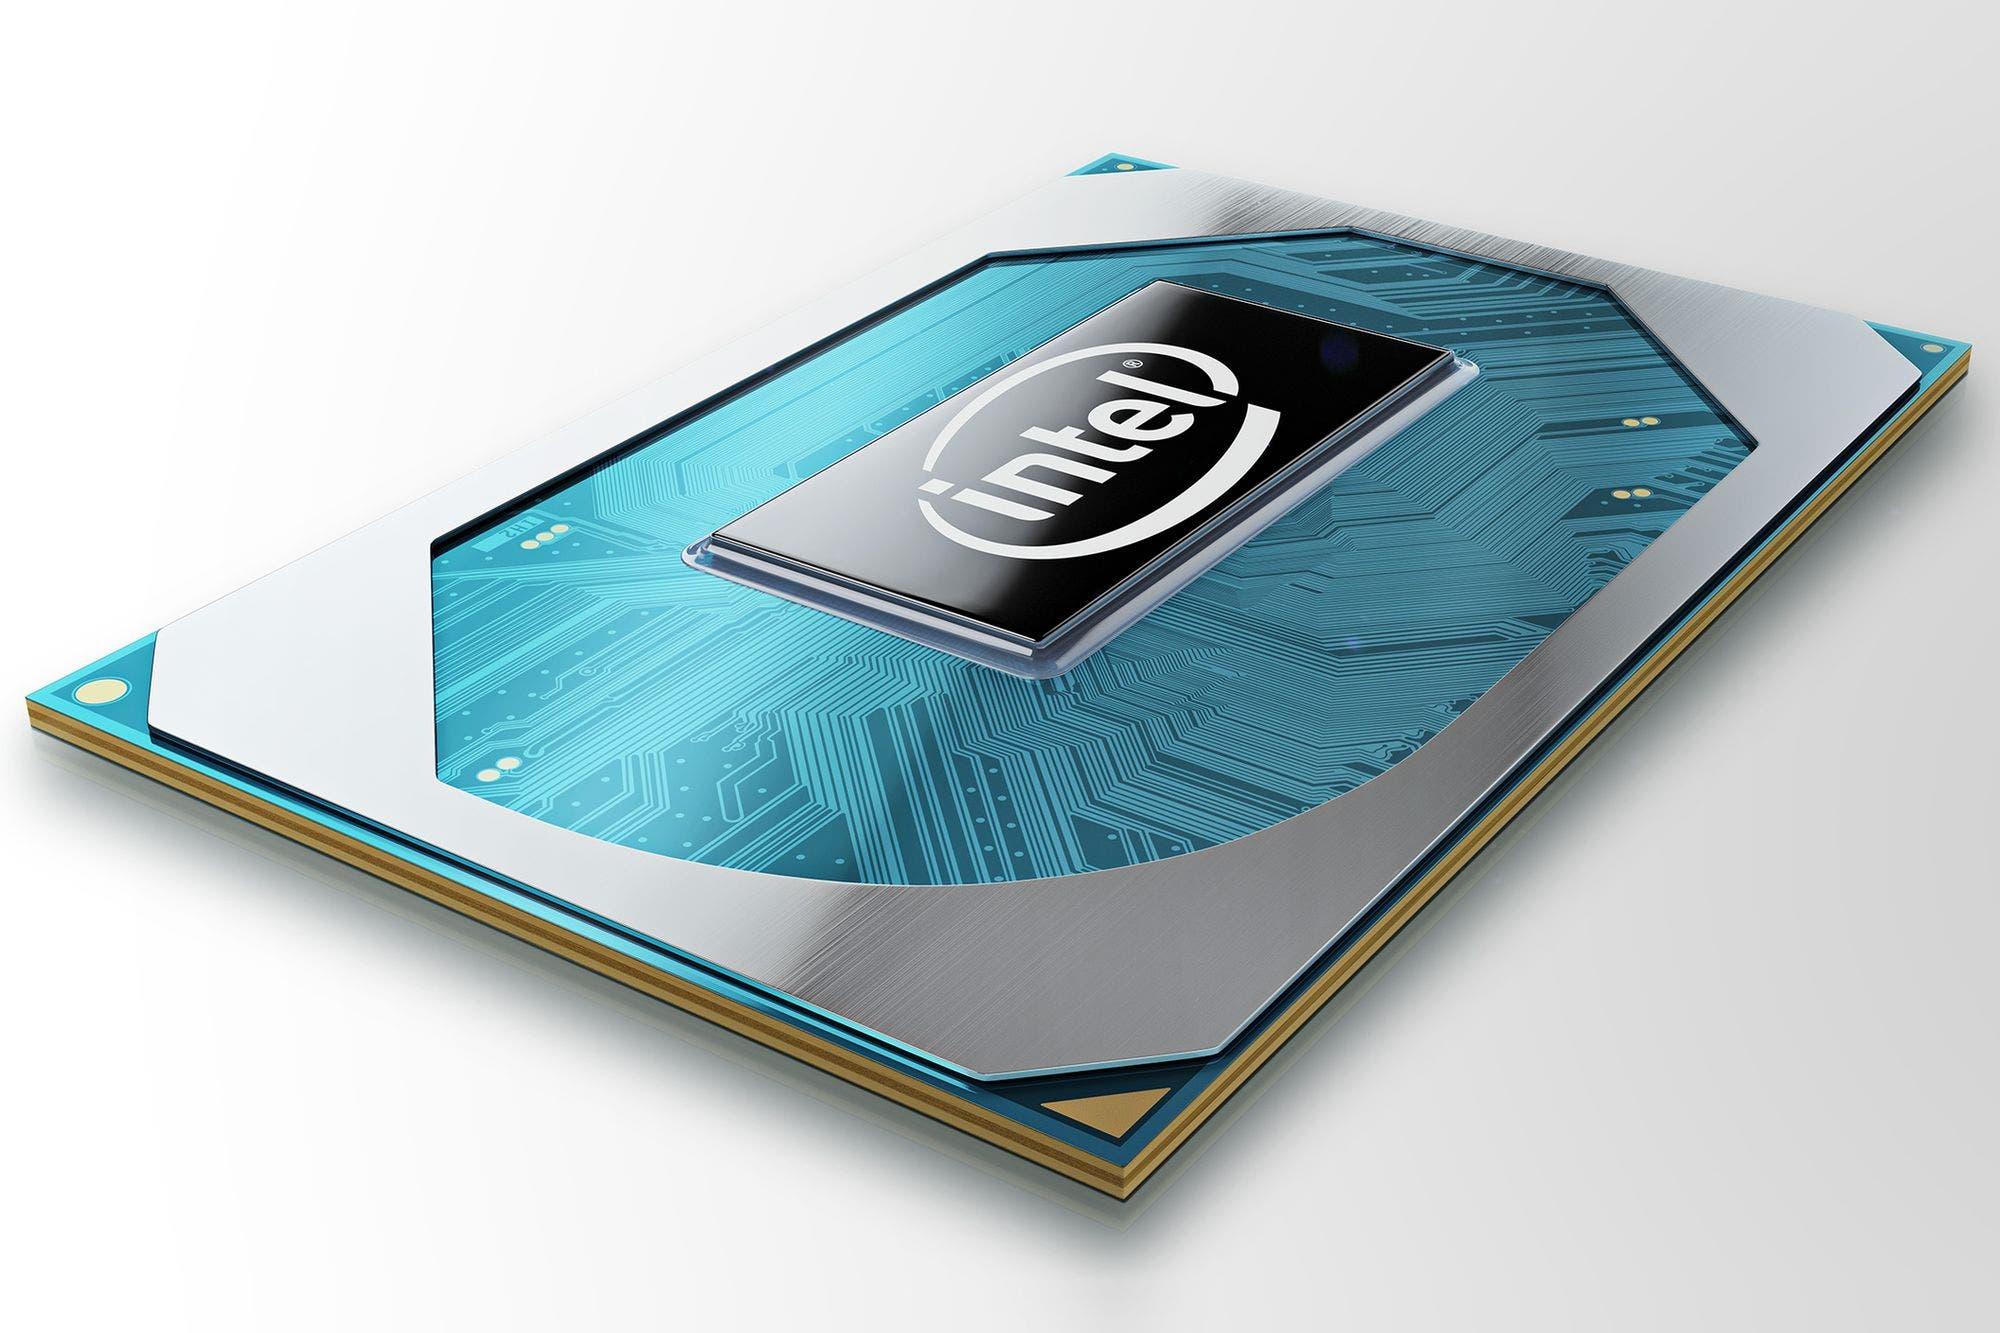 Los nuevos chips H de Intel de décima generación para laptops superan los 5,3 GHz